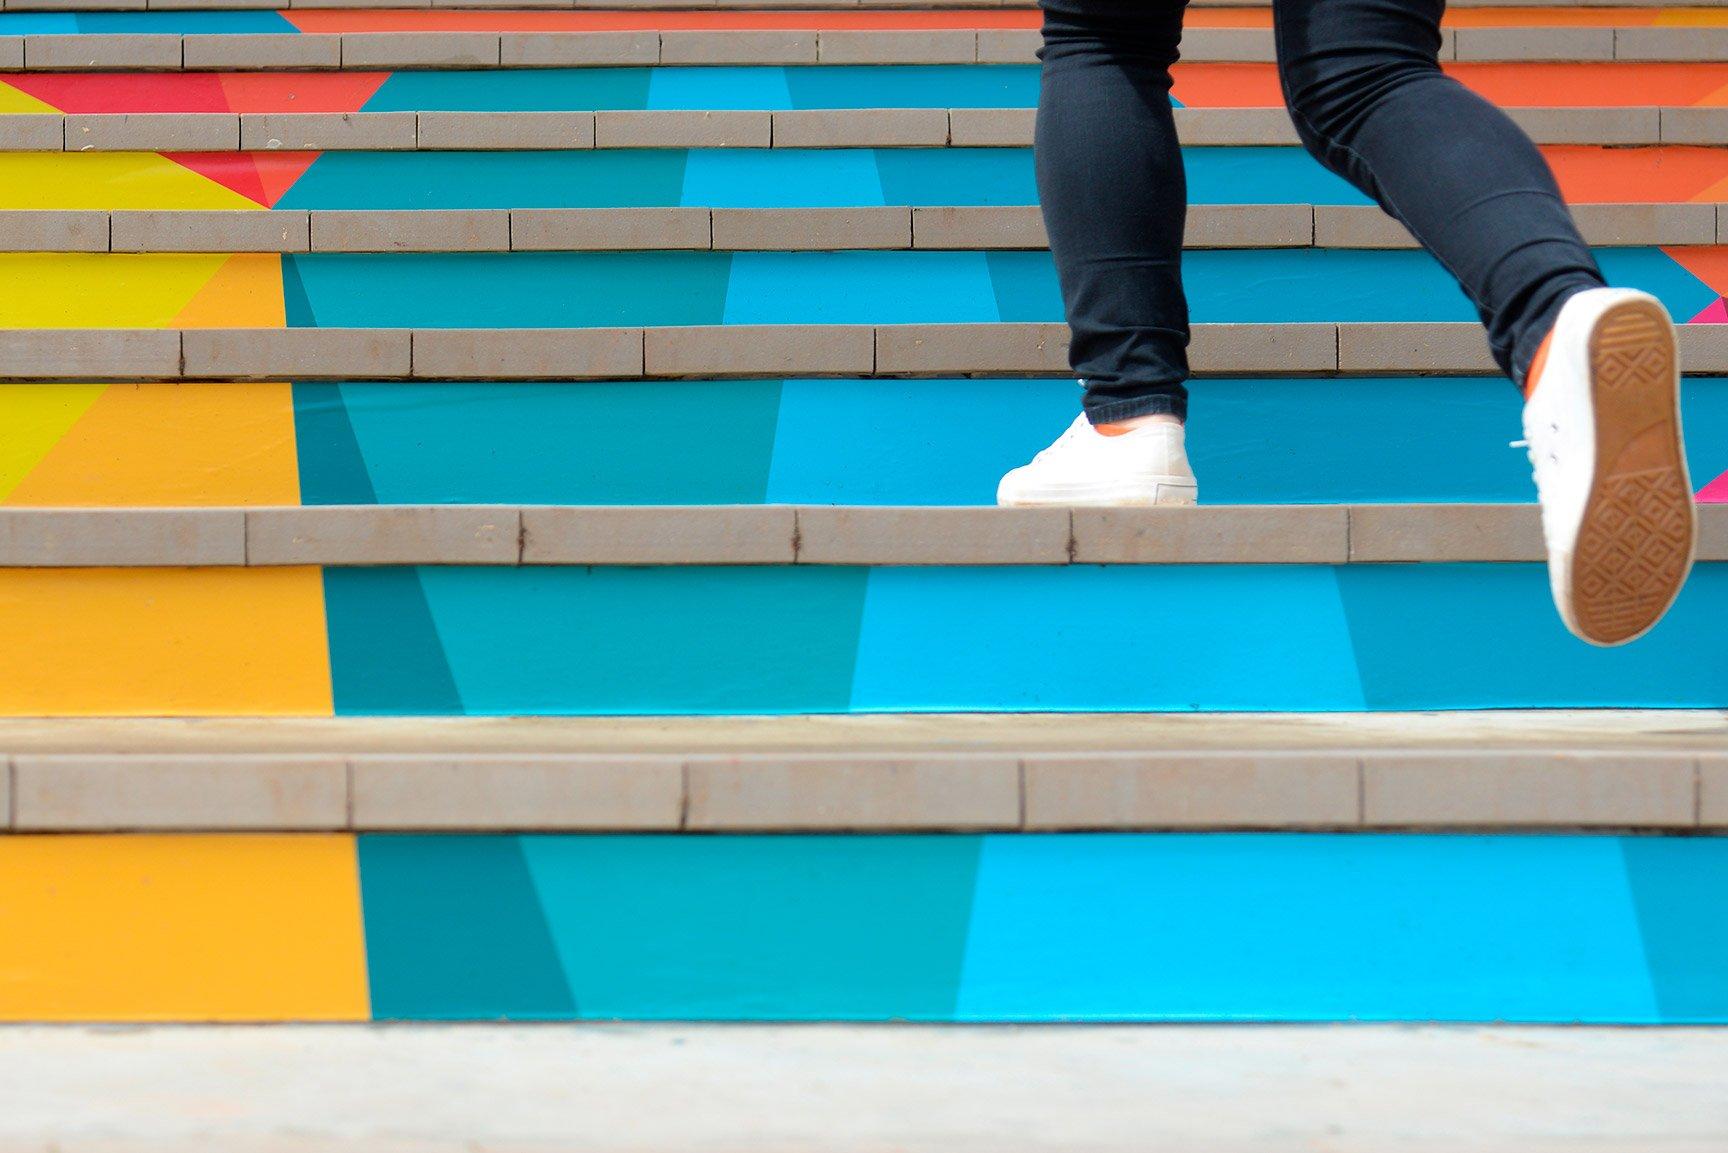 Mujer subiendo escalas de colores